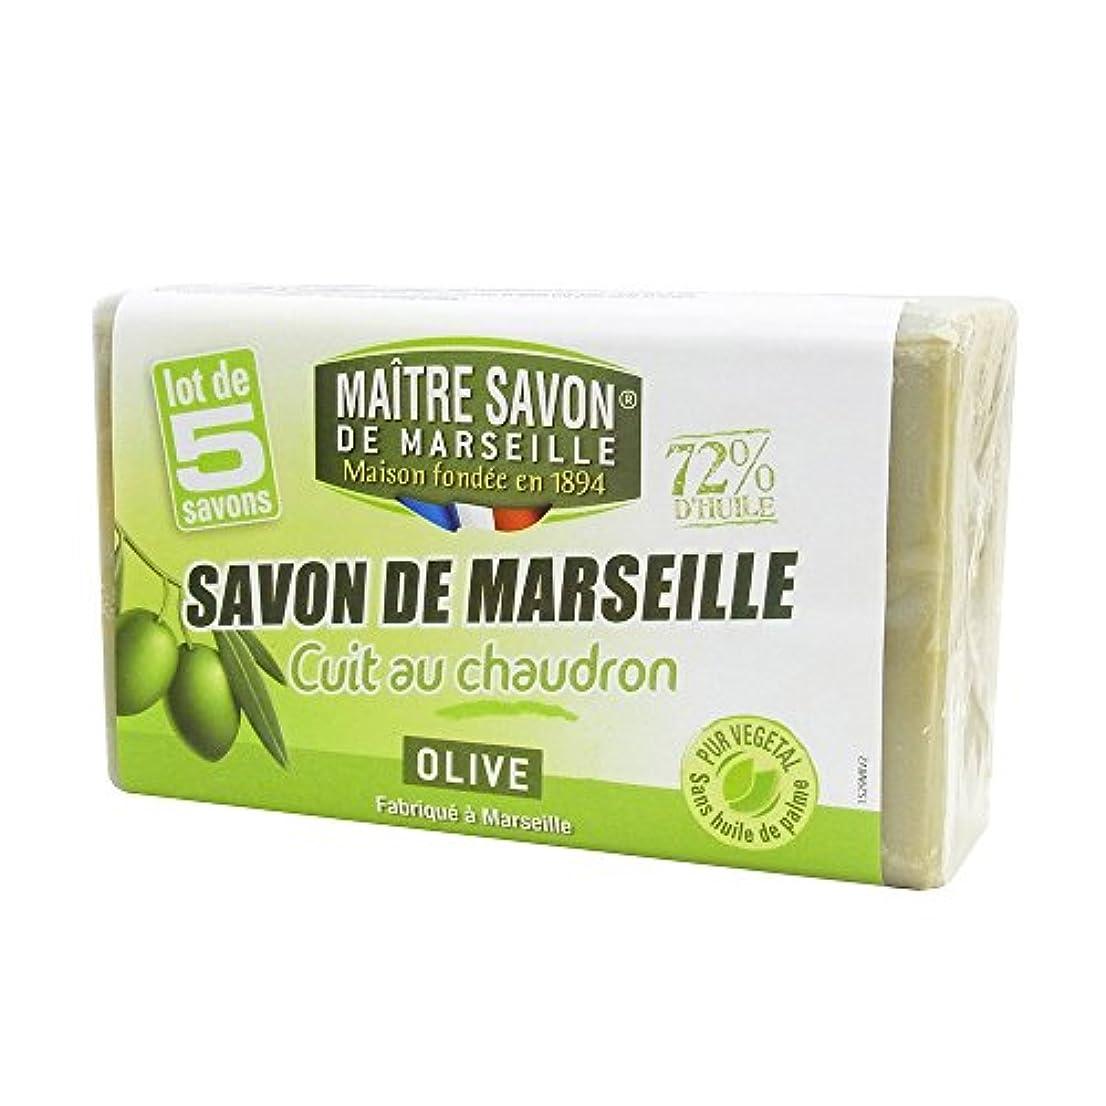 オンヒギンズリンケージMaitre Savon de Marseille(メートル?サボン?ド?マルセイユ) サボン?ド?マルセイユ オリーブ 100g×5個